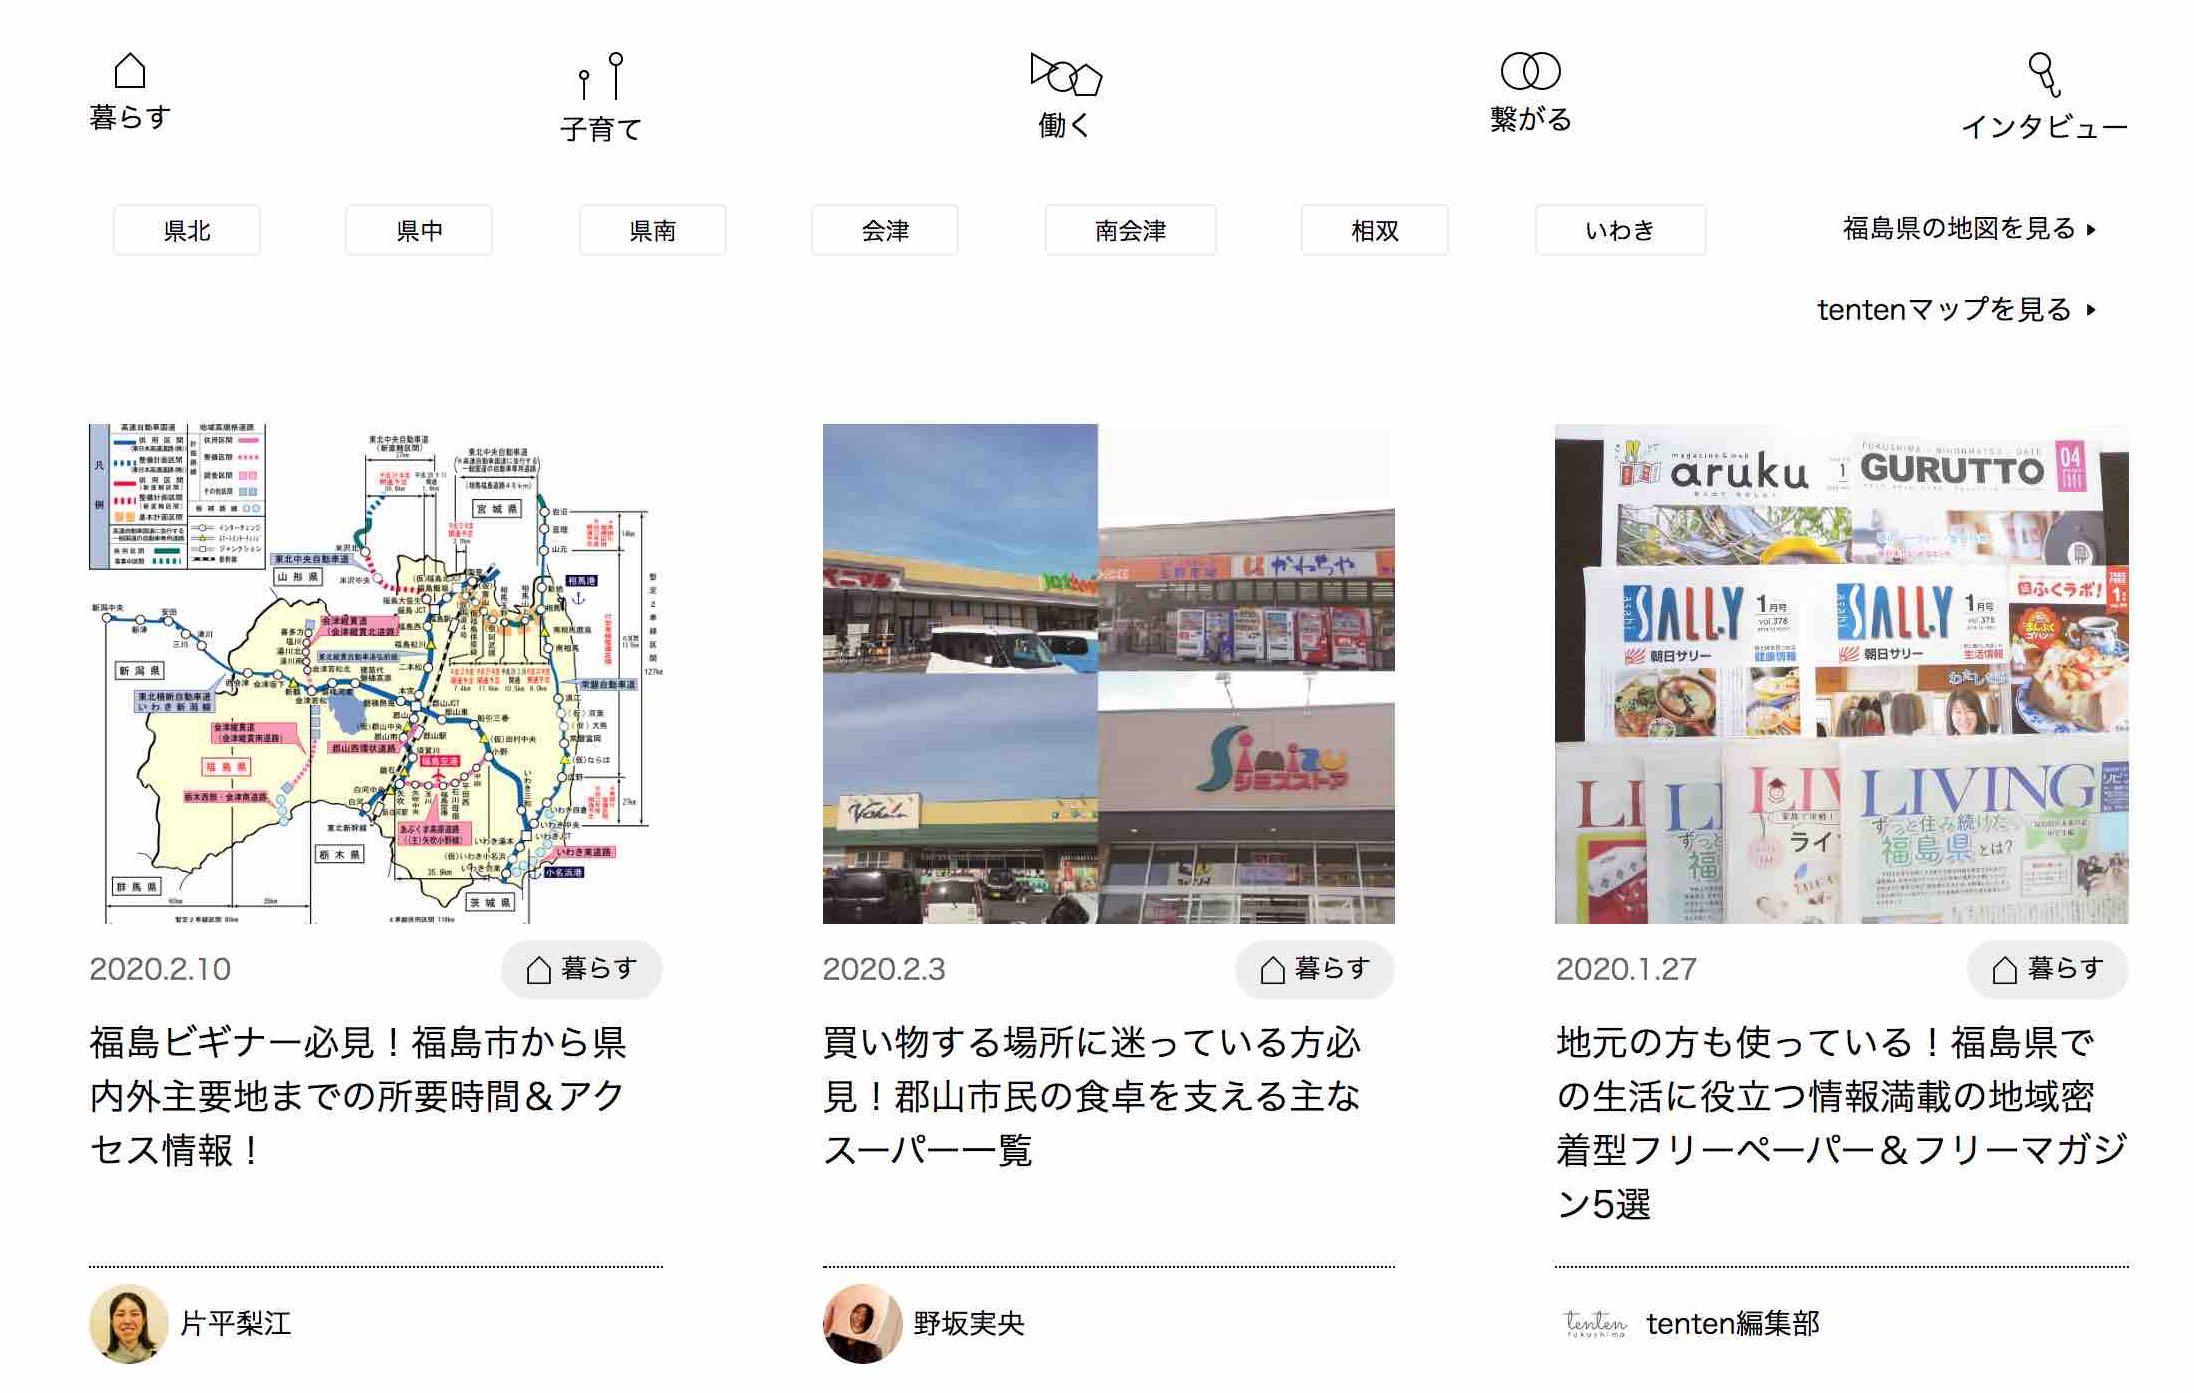 福島に転勤する時に役立つWEBサイト